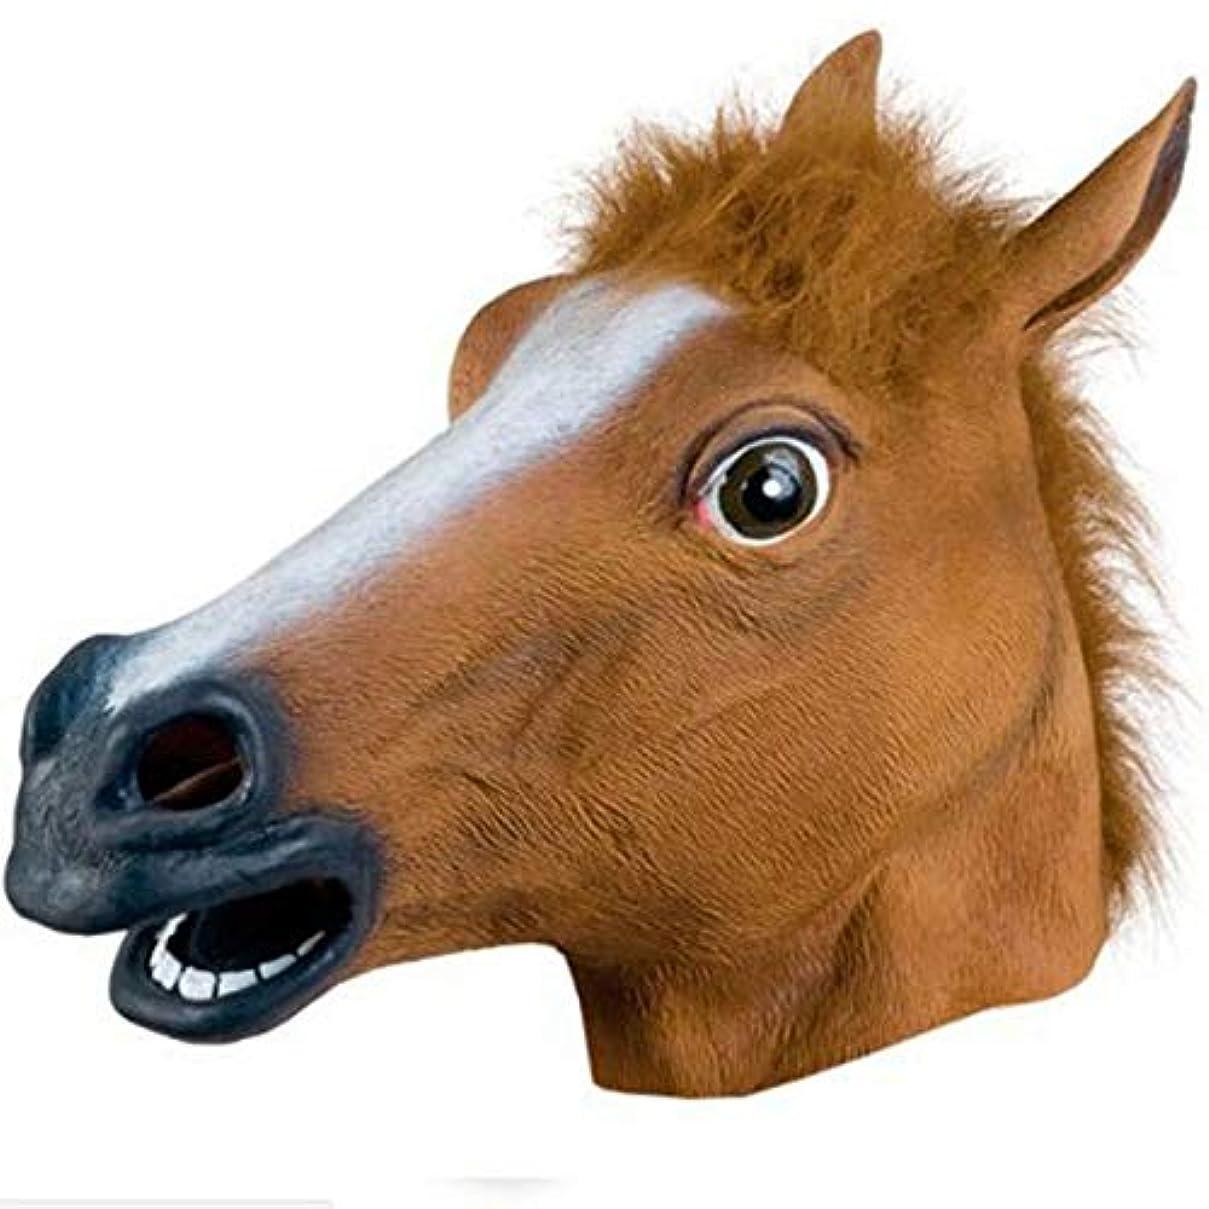 審判運搬戦艦馬の頭の仮面舞踏会おかしい面白いハロウィーンの馬の頭のマスクのかつら,ブラウン